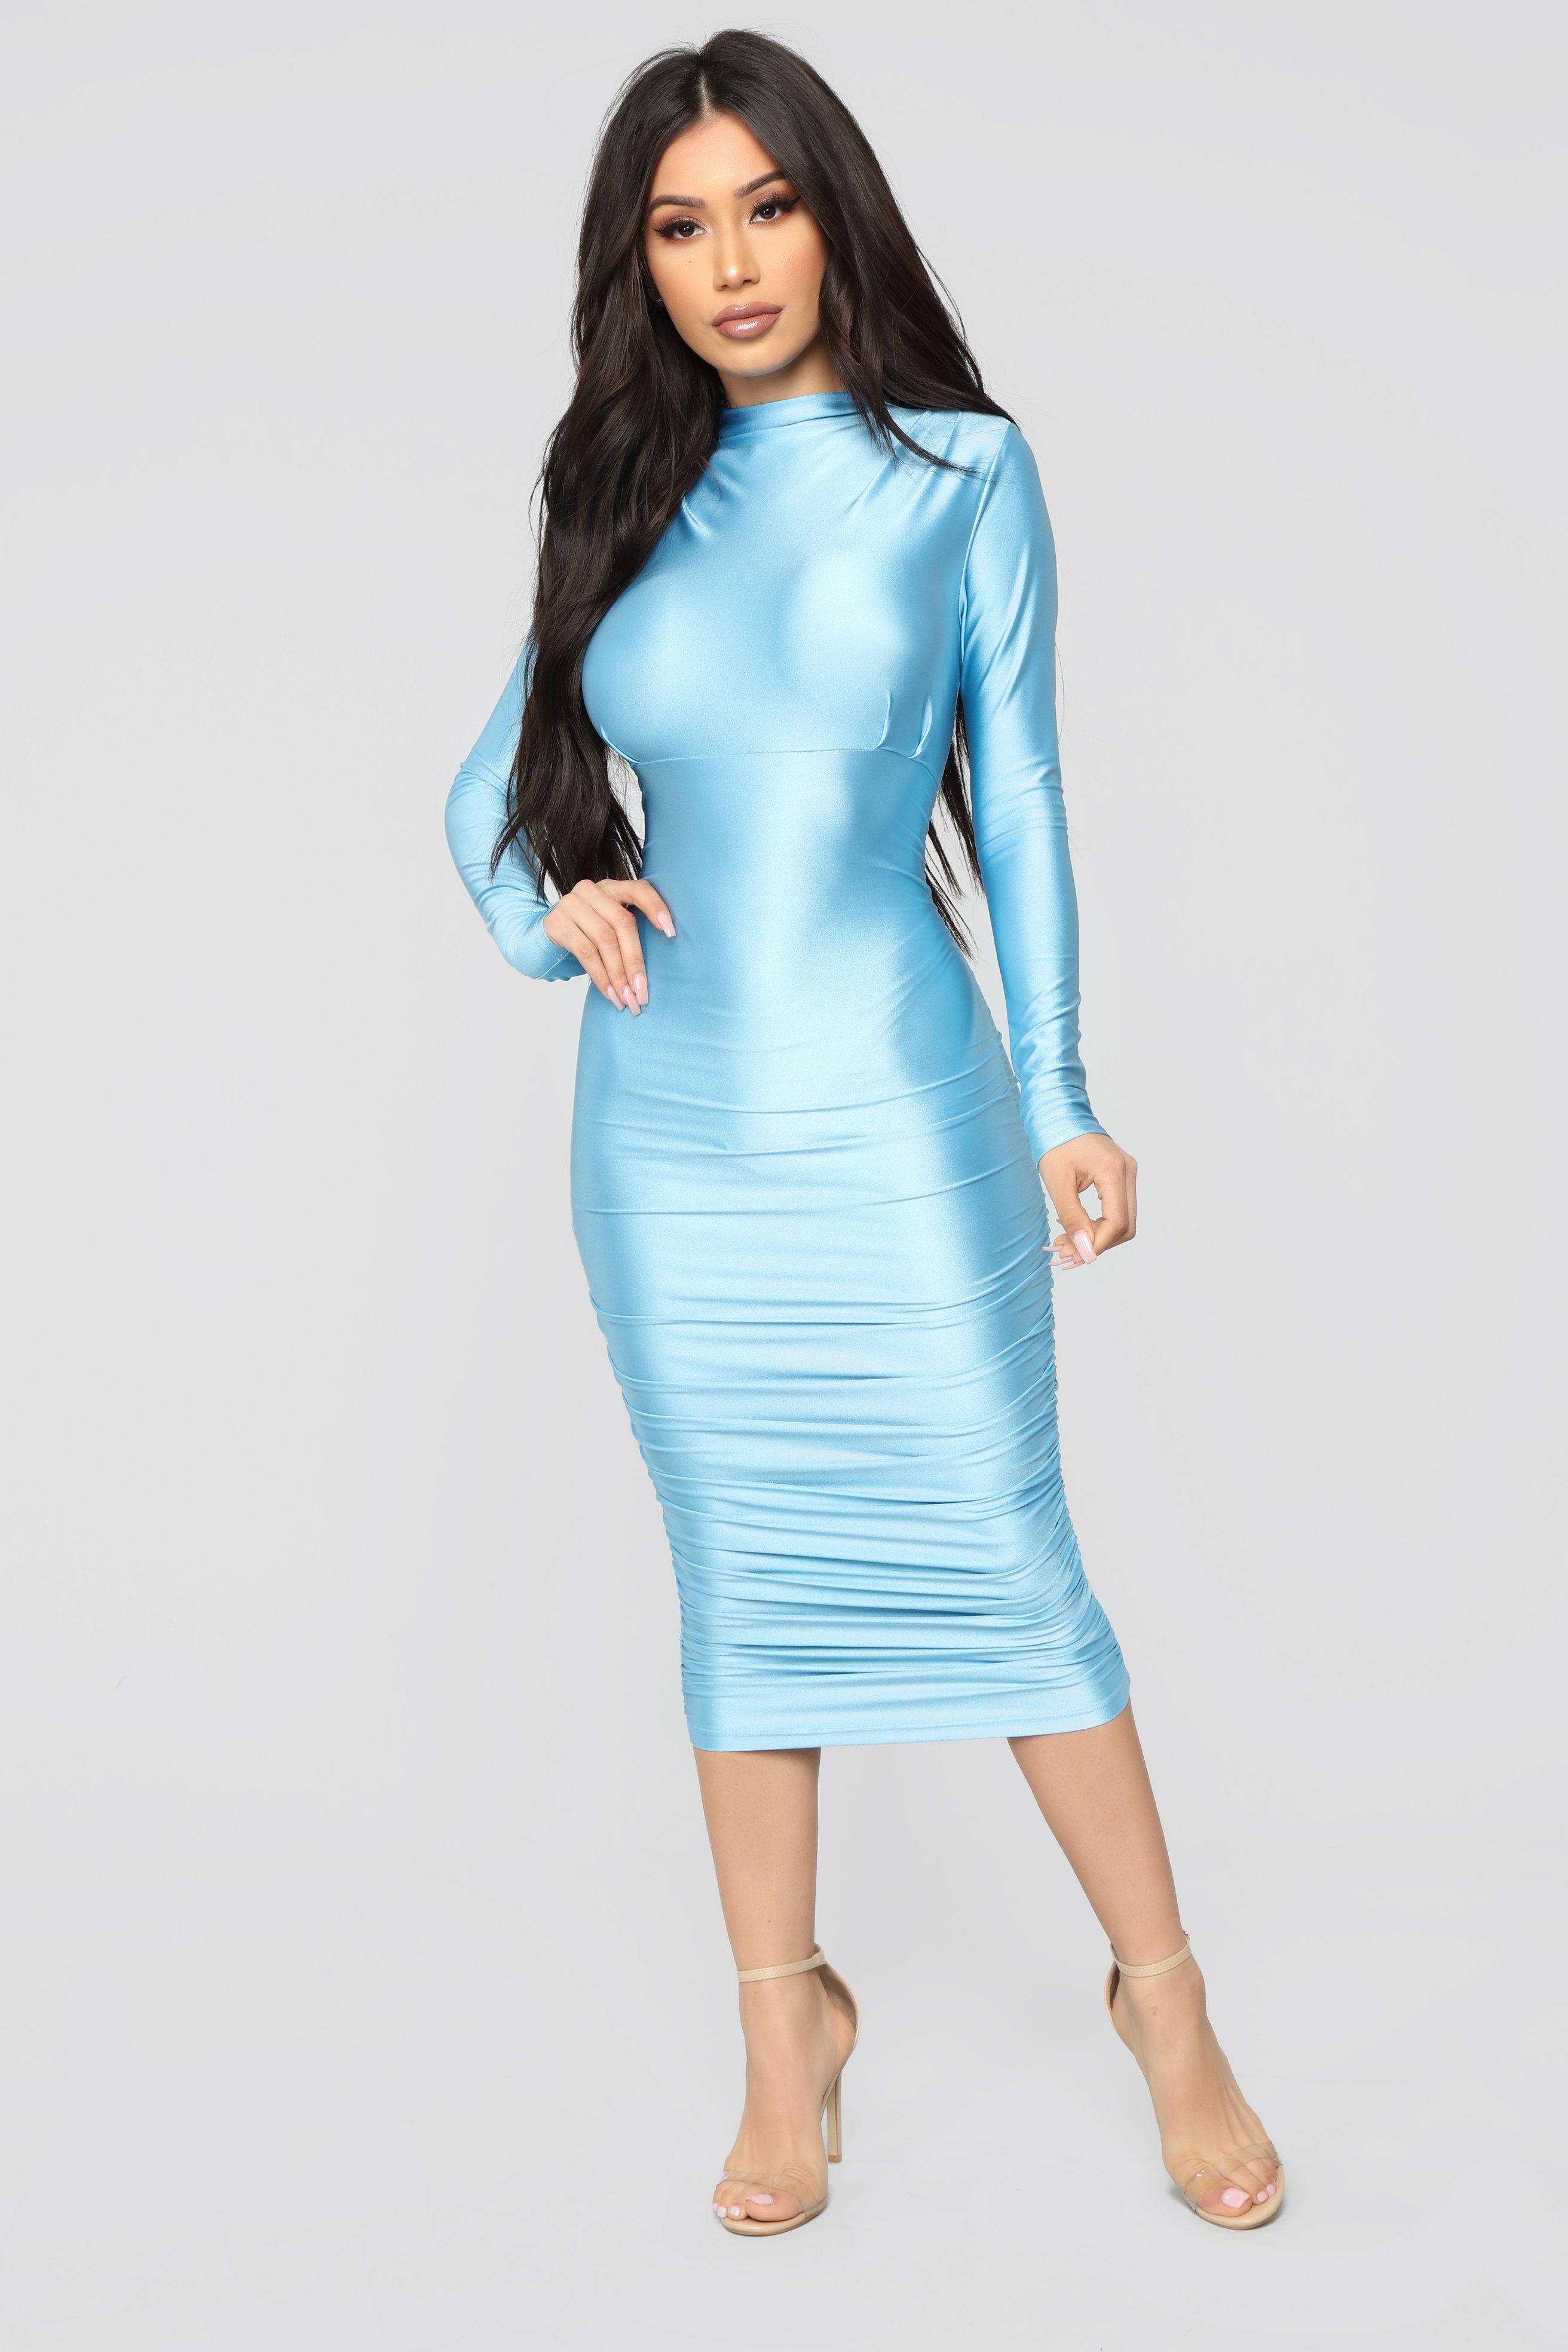 Stuck With Me Midi Dress Blue in 2020 Blue midi dress